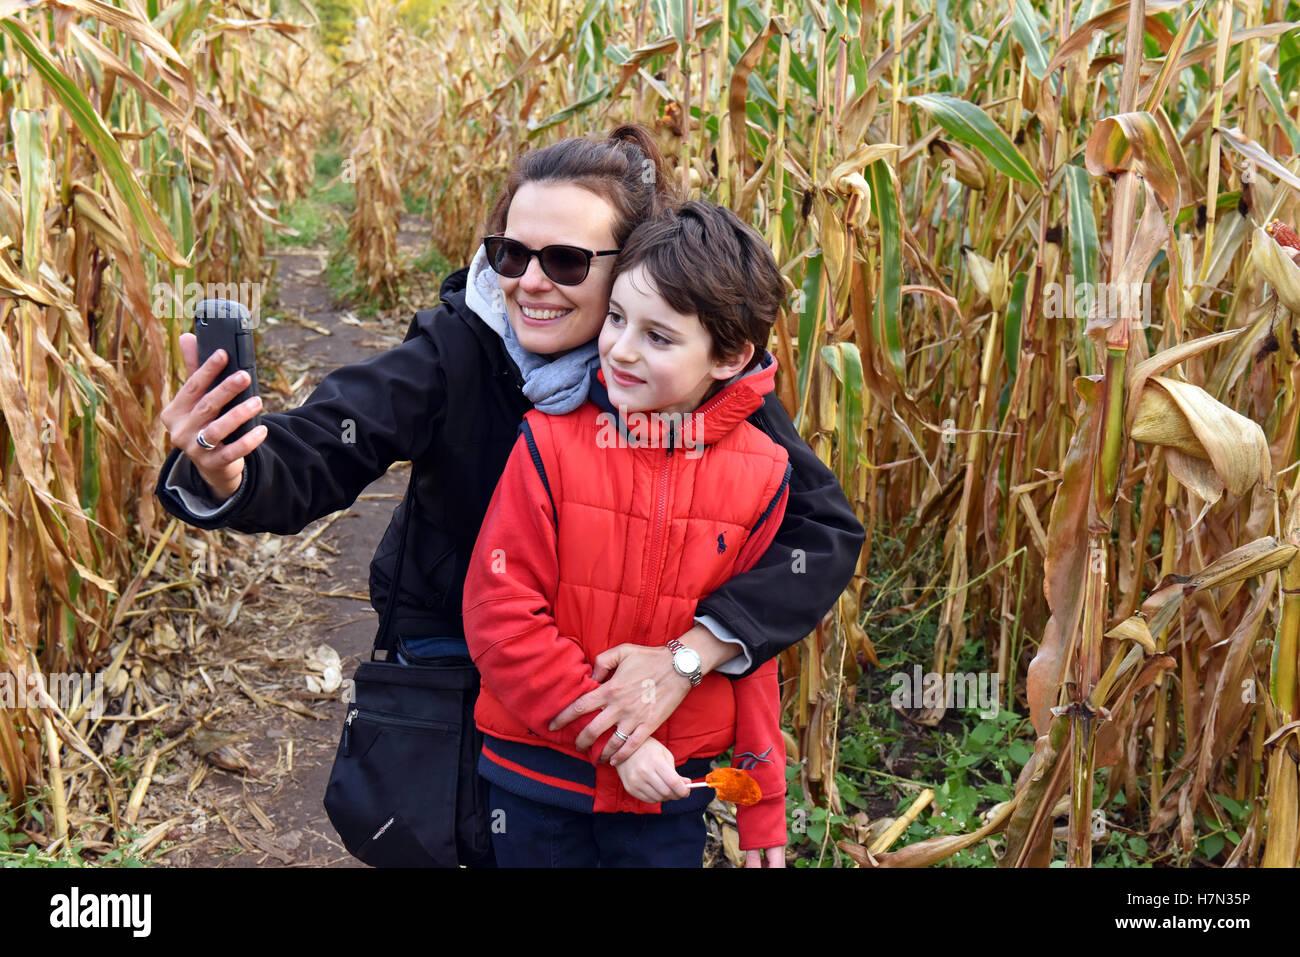 La madre e il bambino tenendo sellfie con telefono mobile Immagini Stock